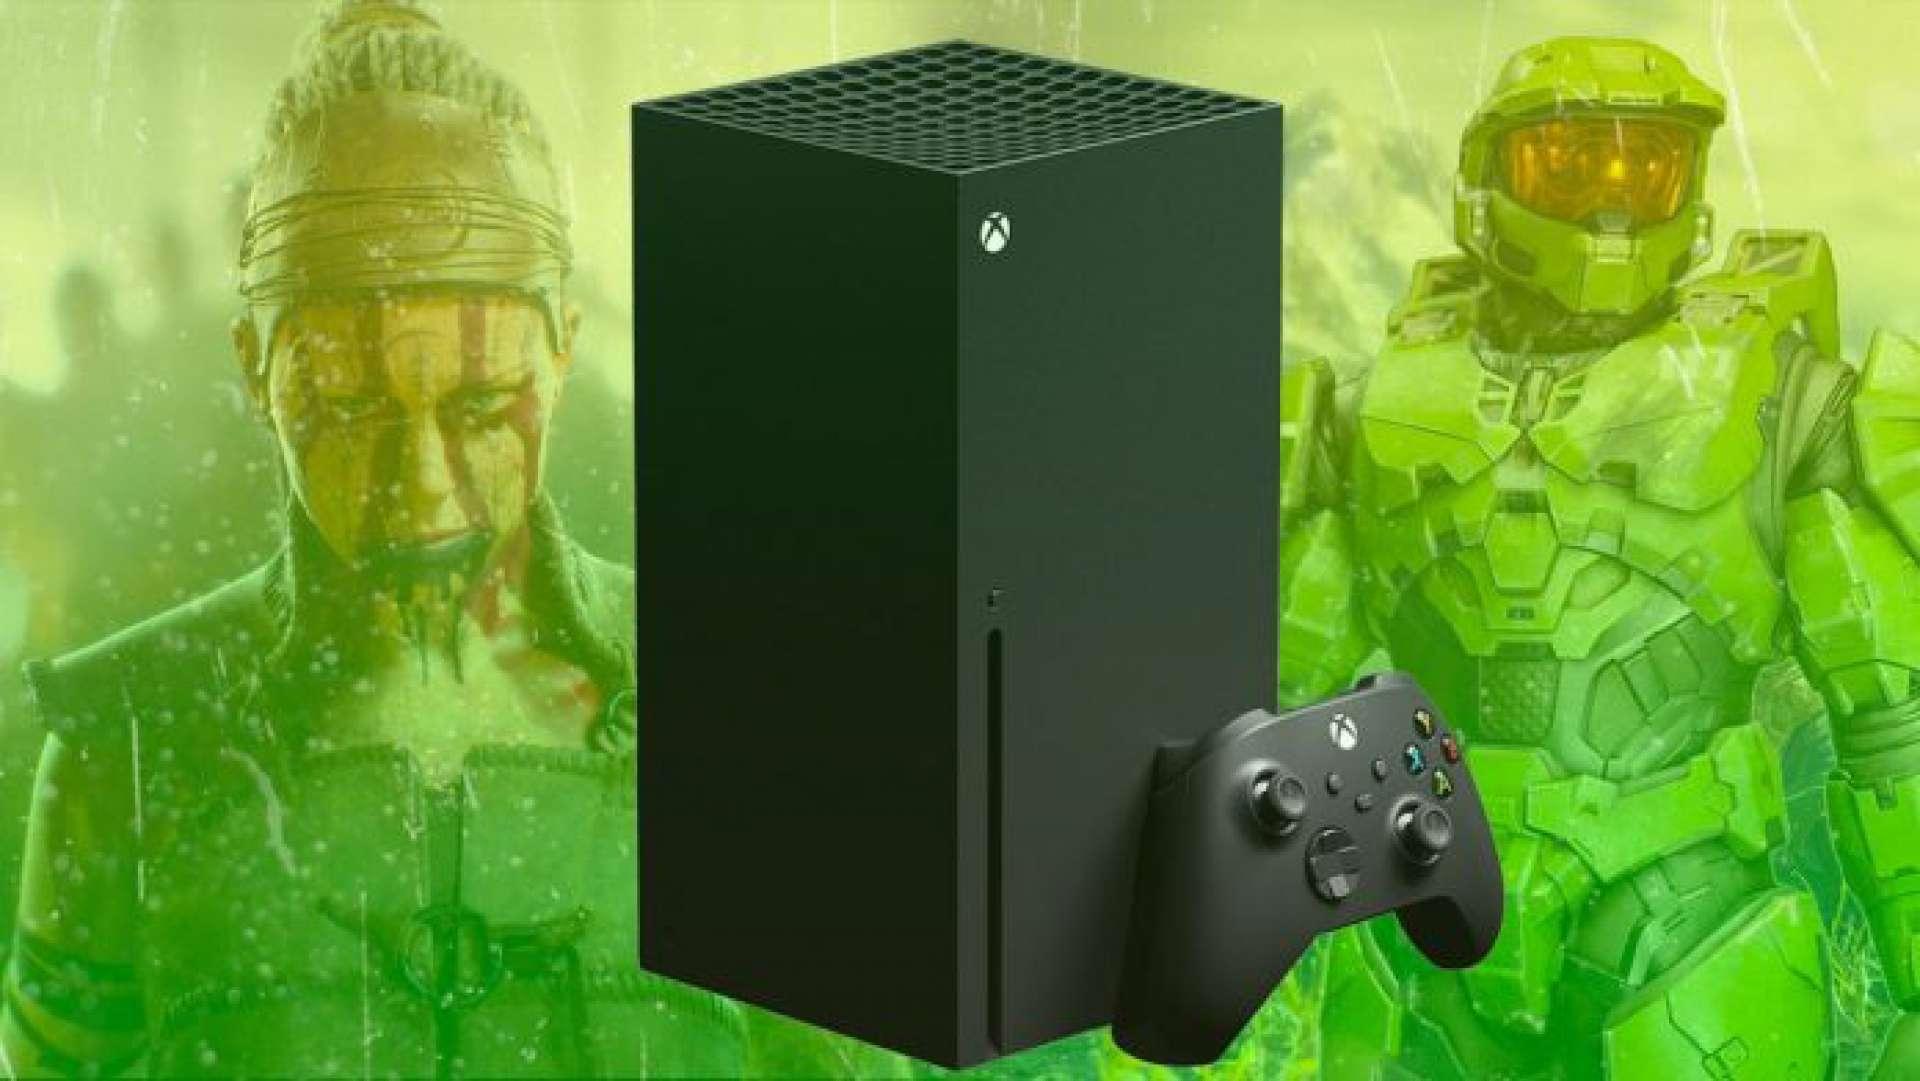 Evento para novos jogos do Xbox Series X e Xbox One tem data divulgada